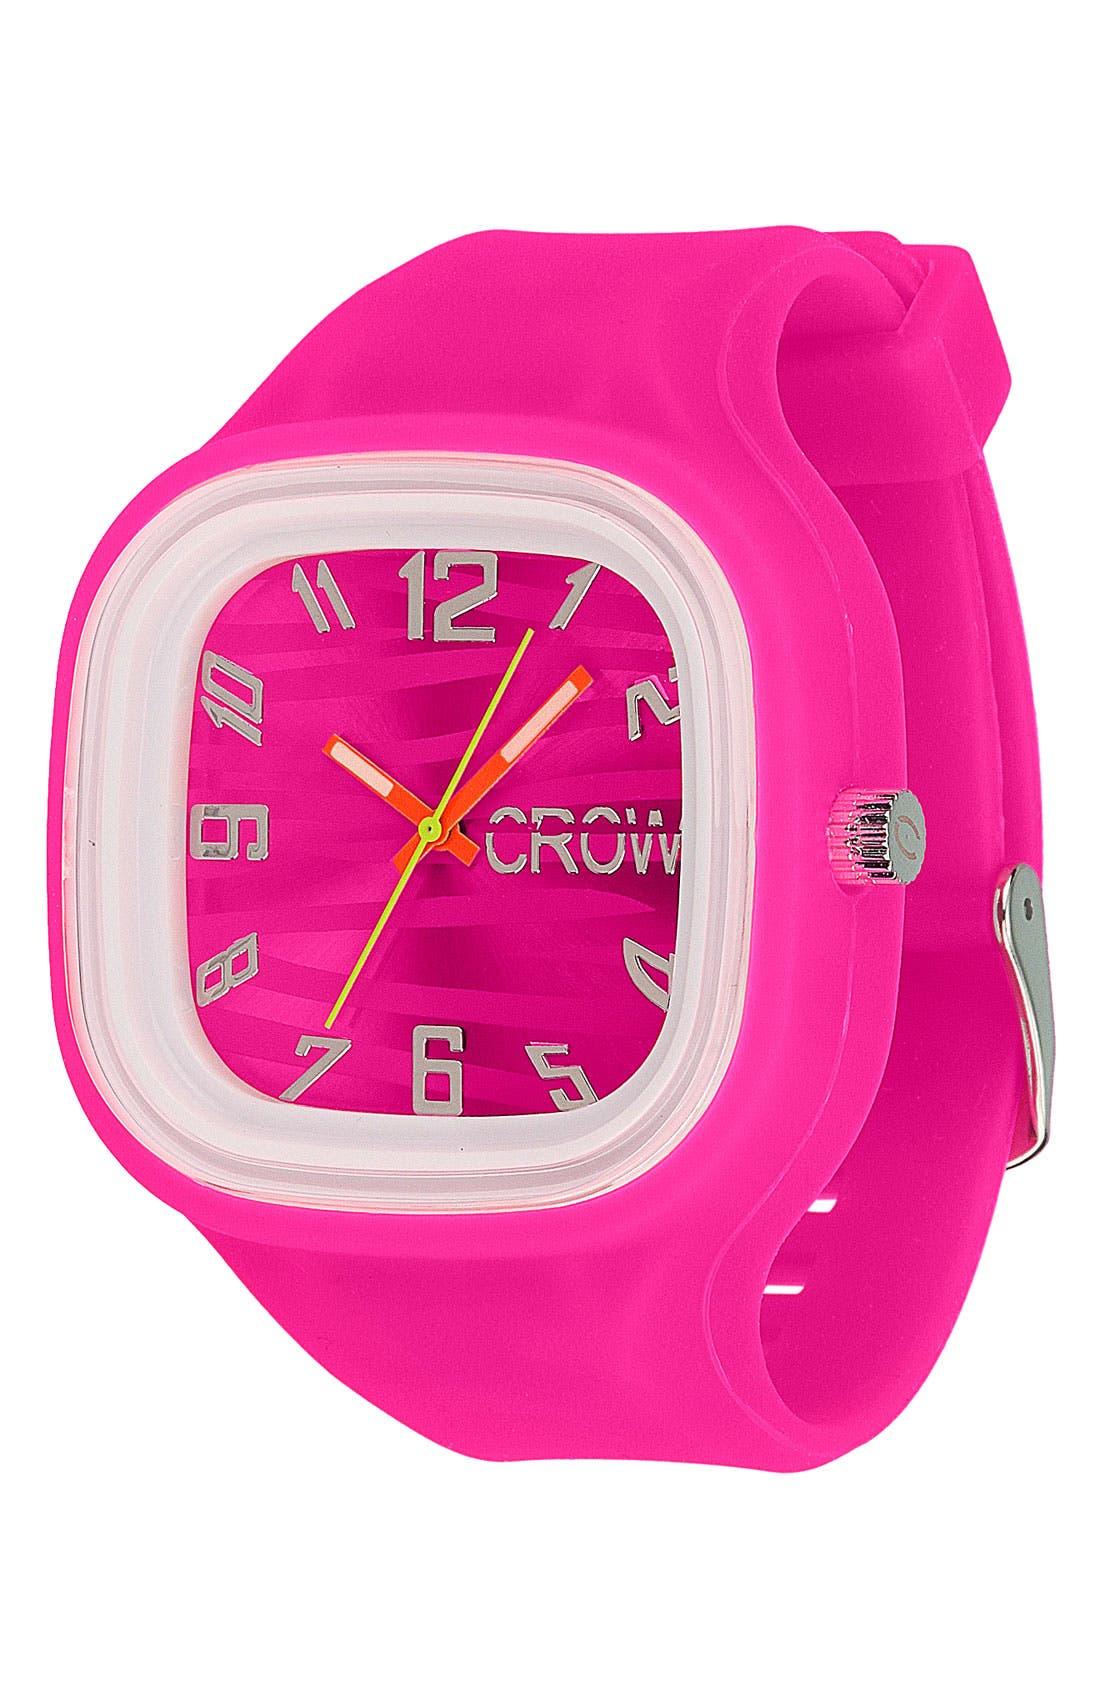 Main Image - Crow 'Zebra' Gel Watch